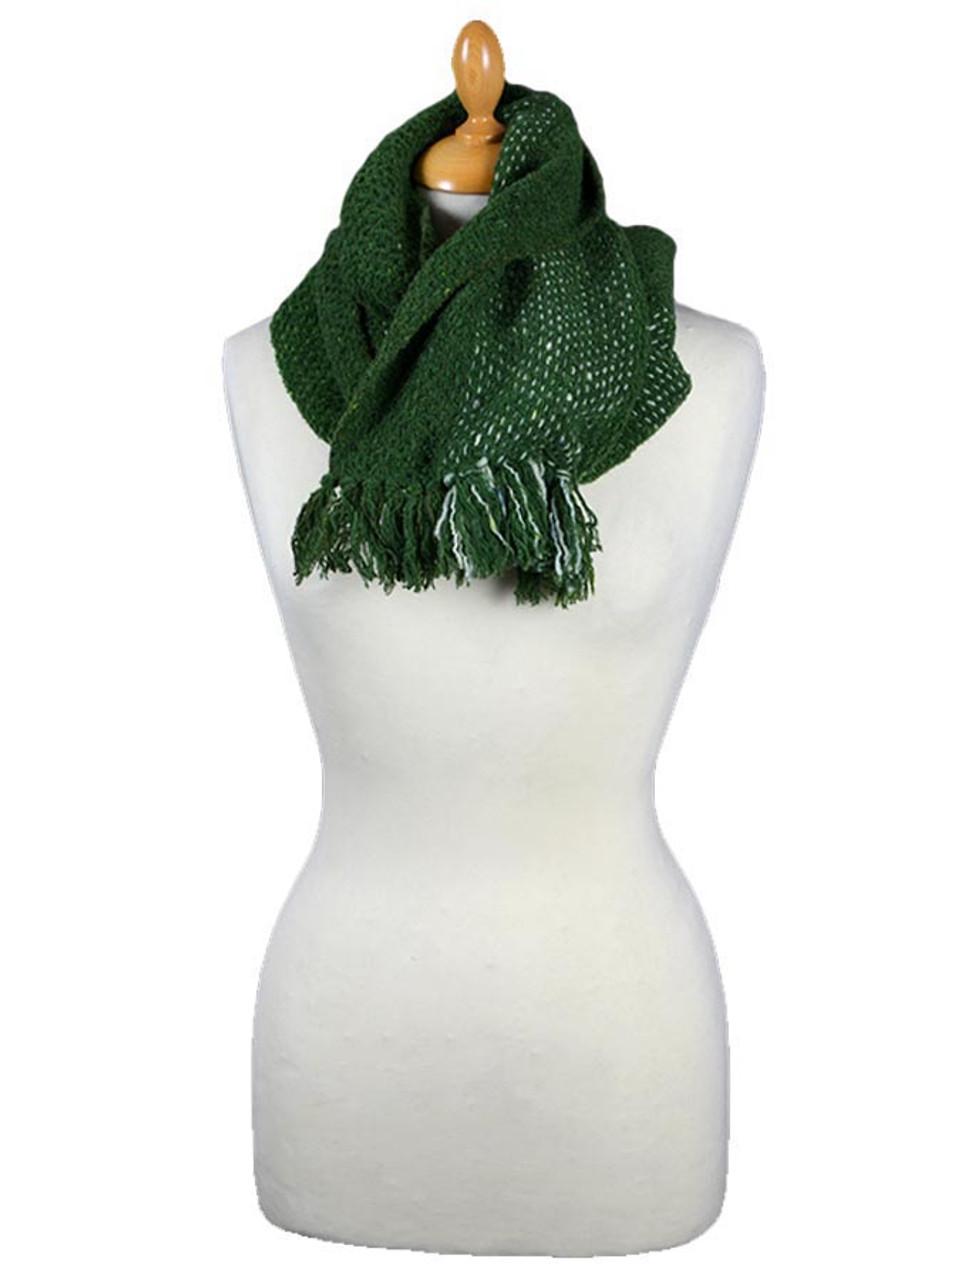 4093d275077f0 Infinity Scarf - Green | Killarney Weavers for Aran Sweater Market